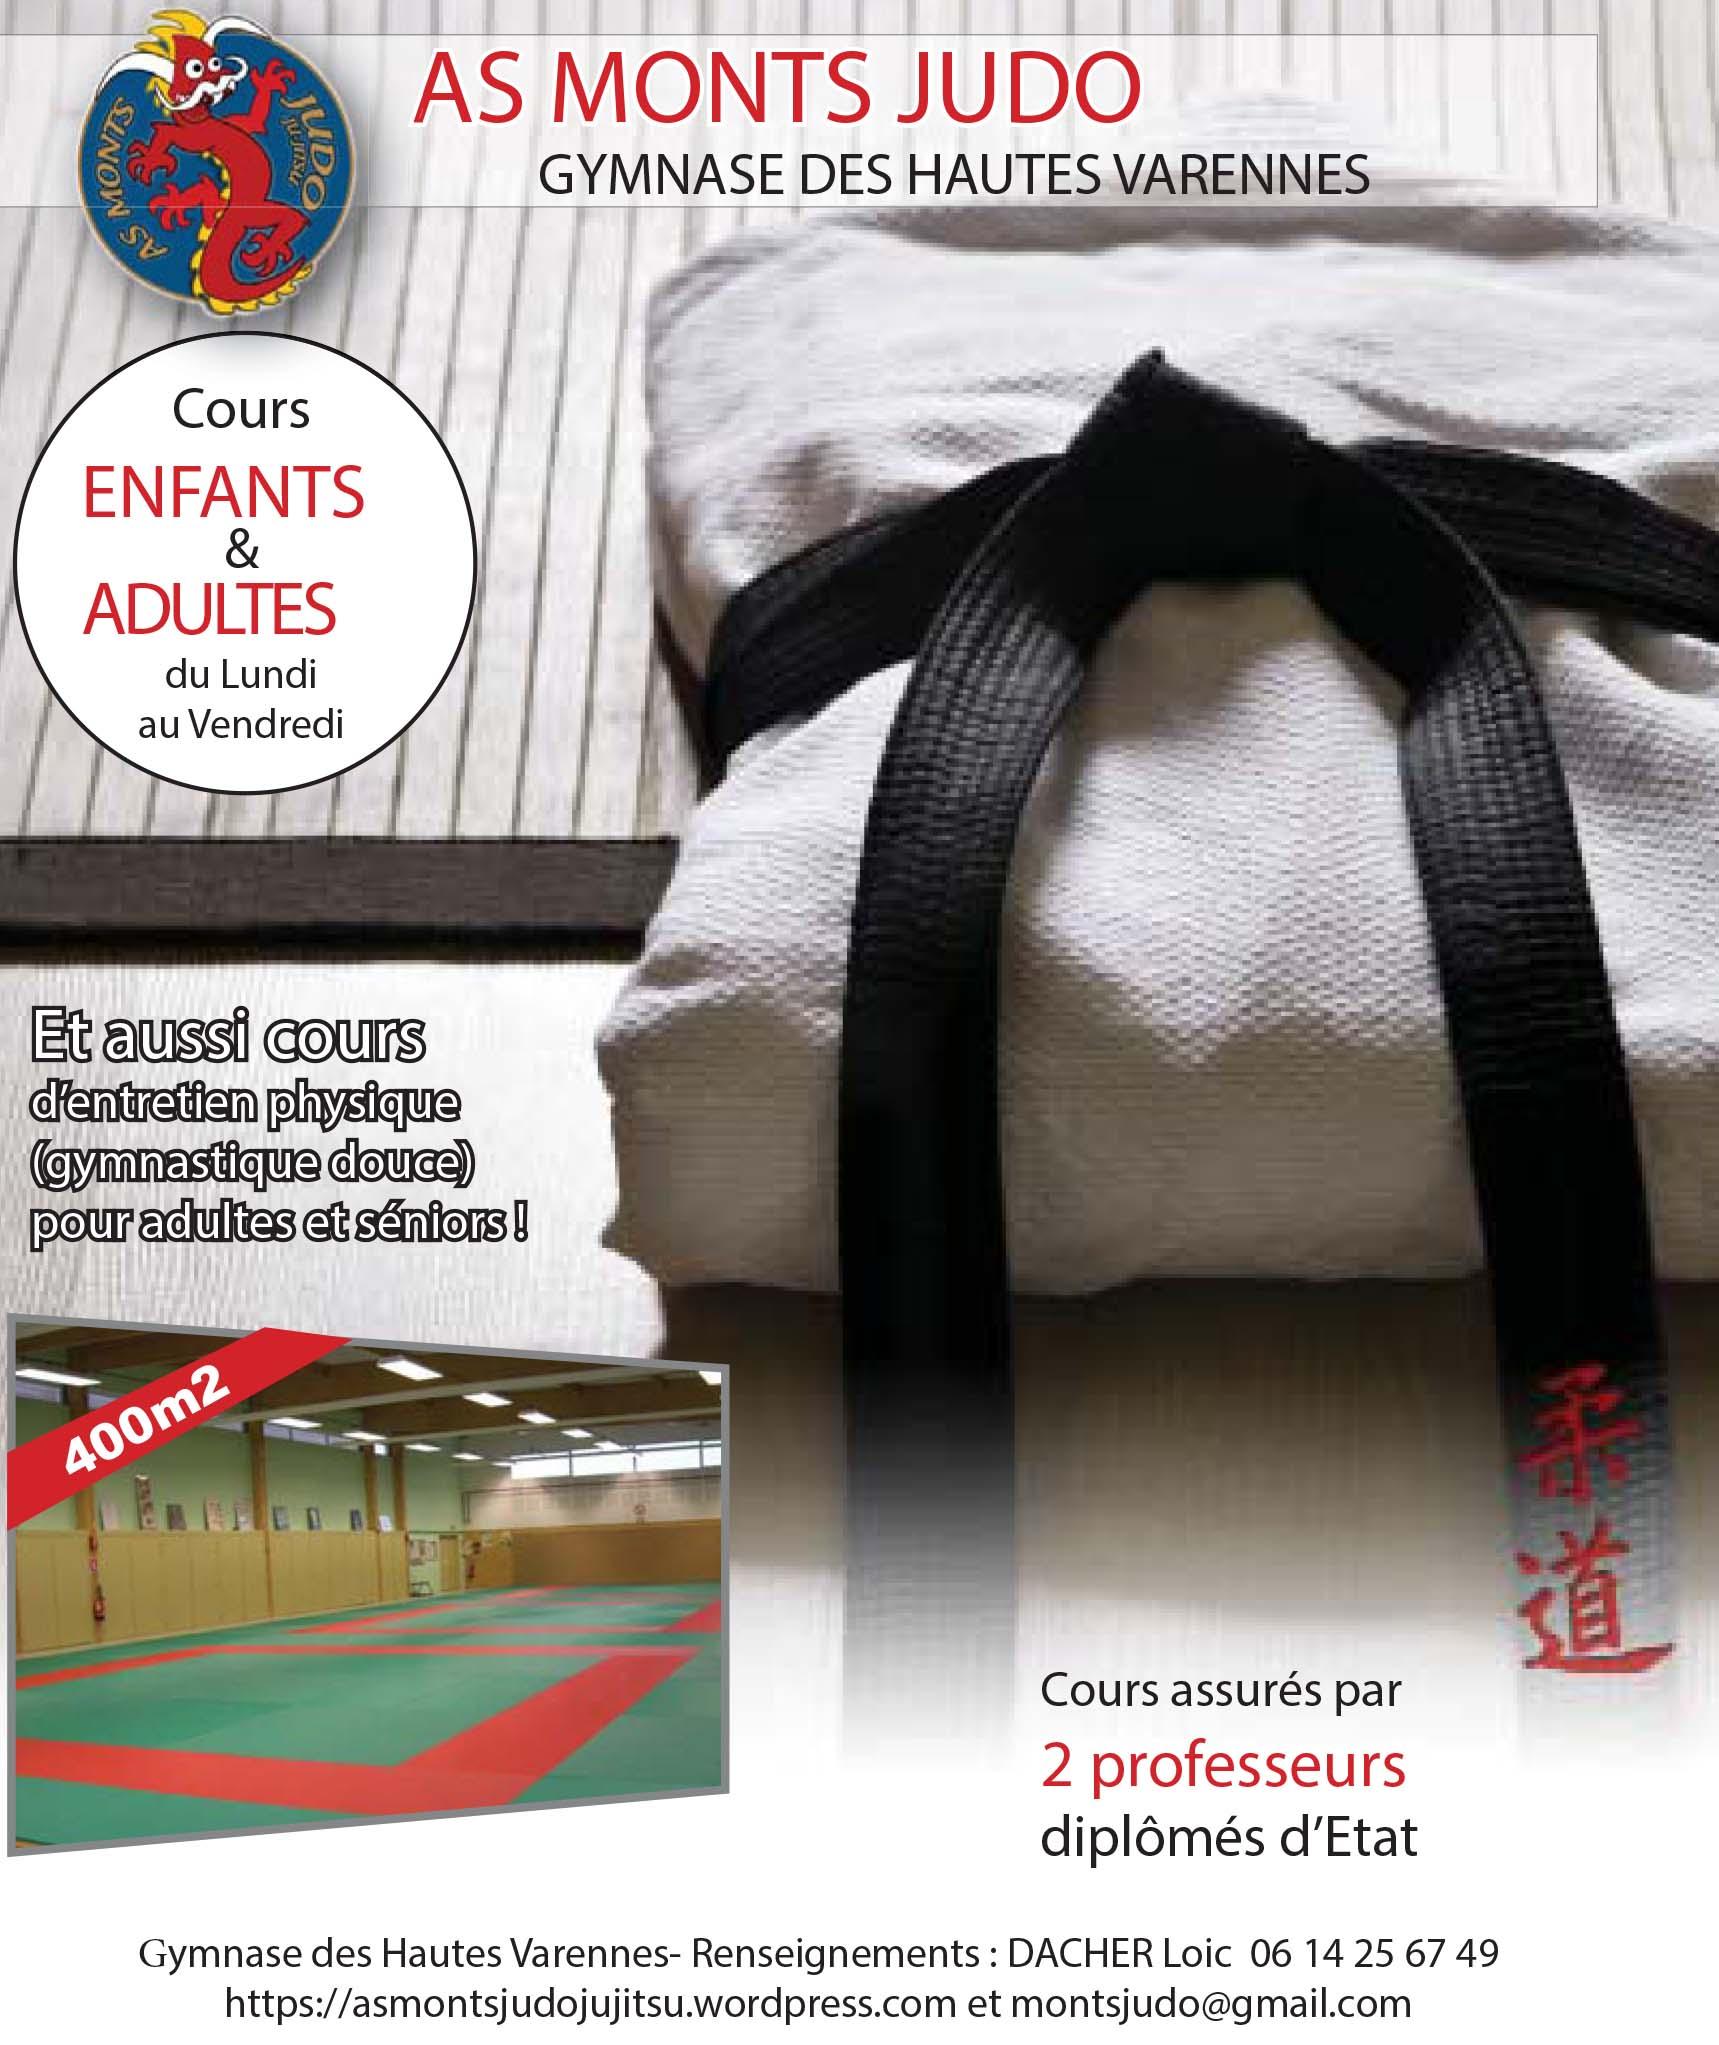 Image_Judo.jpg